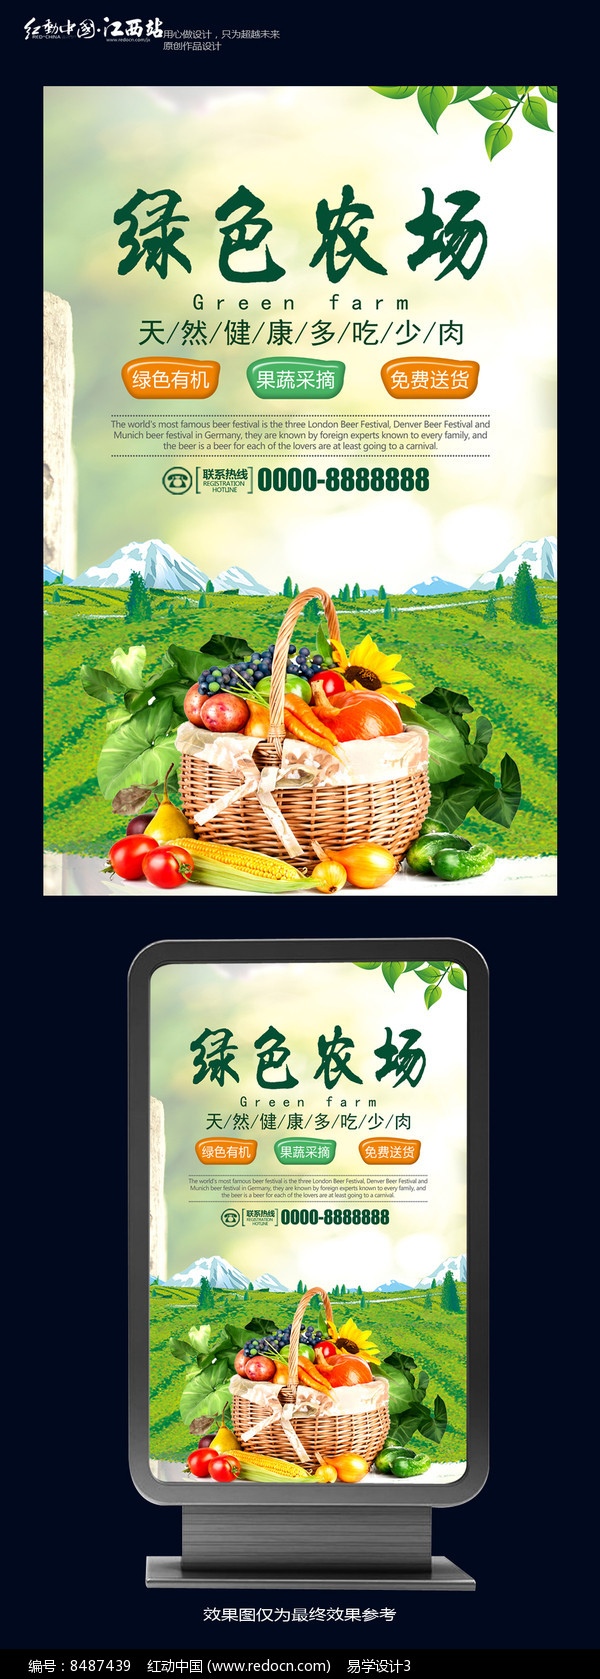 清新绿色农场海报设计图片